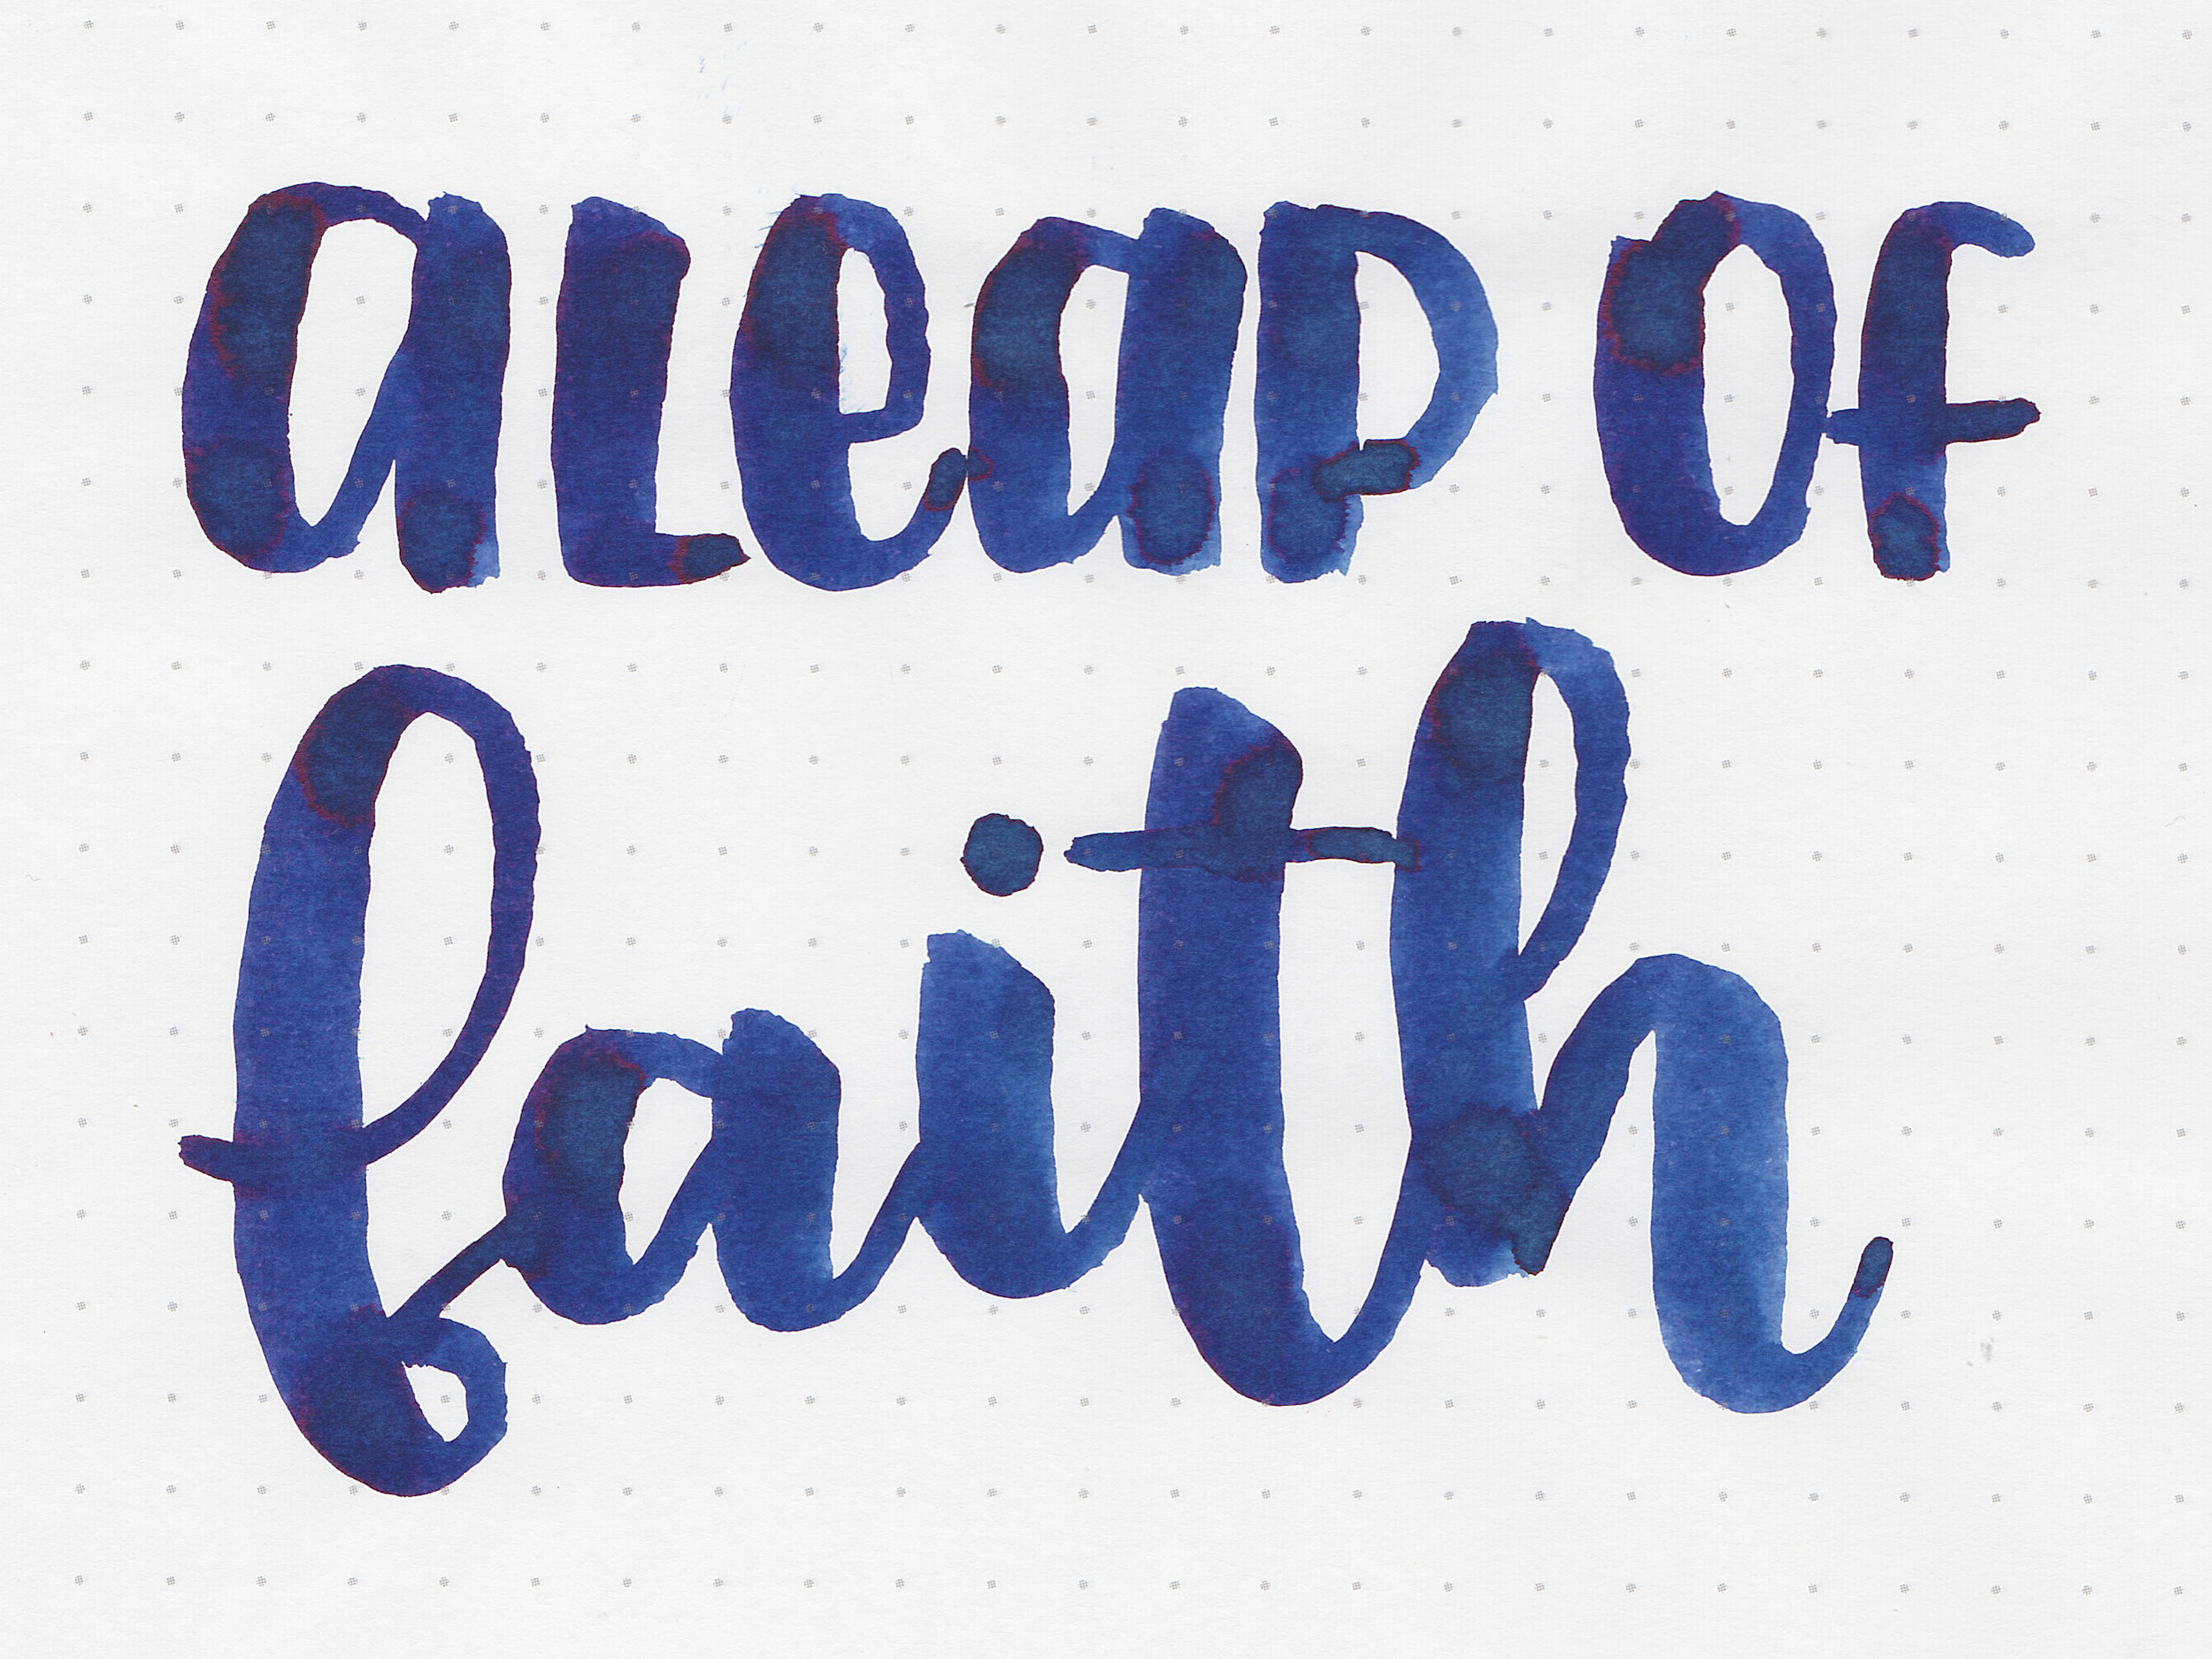 d-a-leap-of-faith-6.jpg